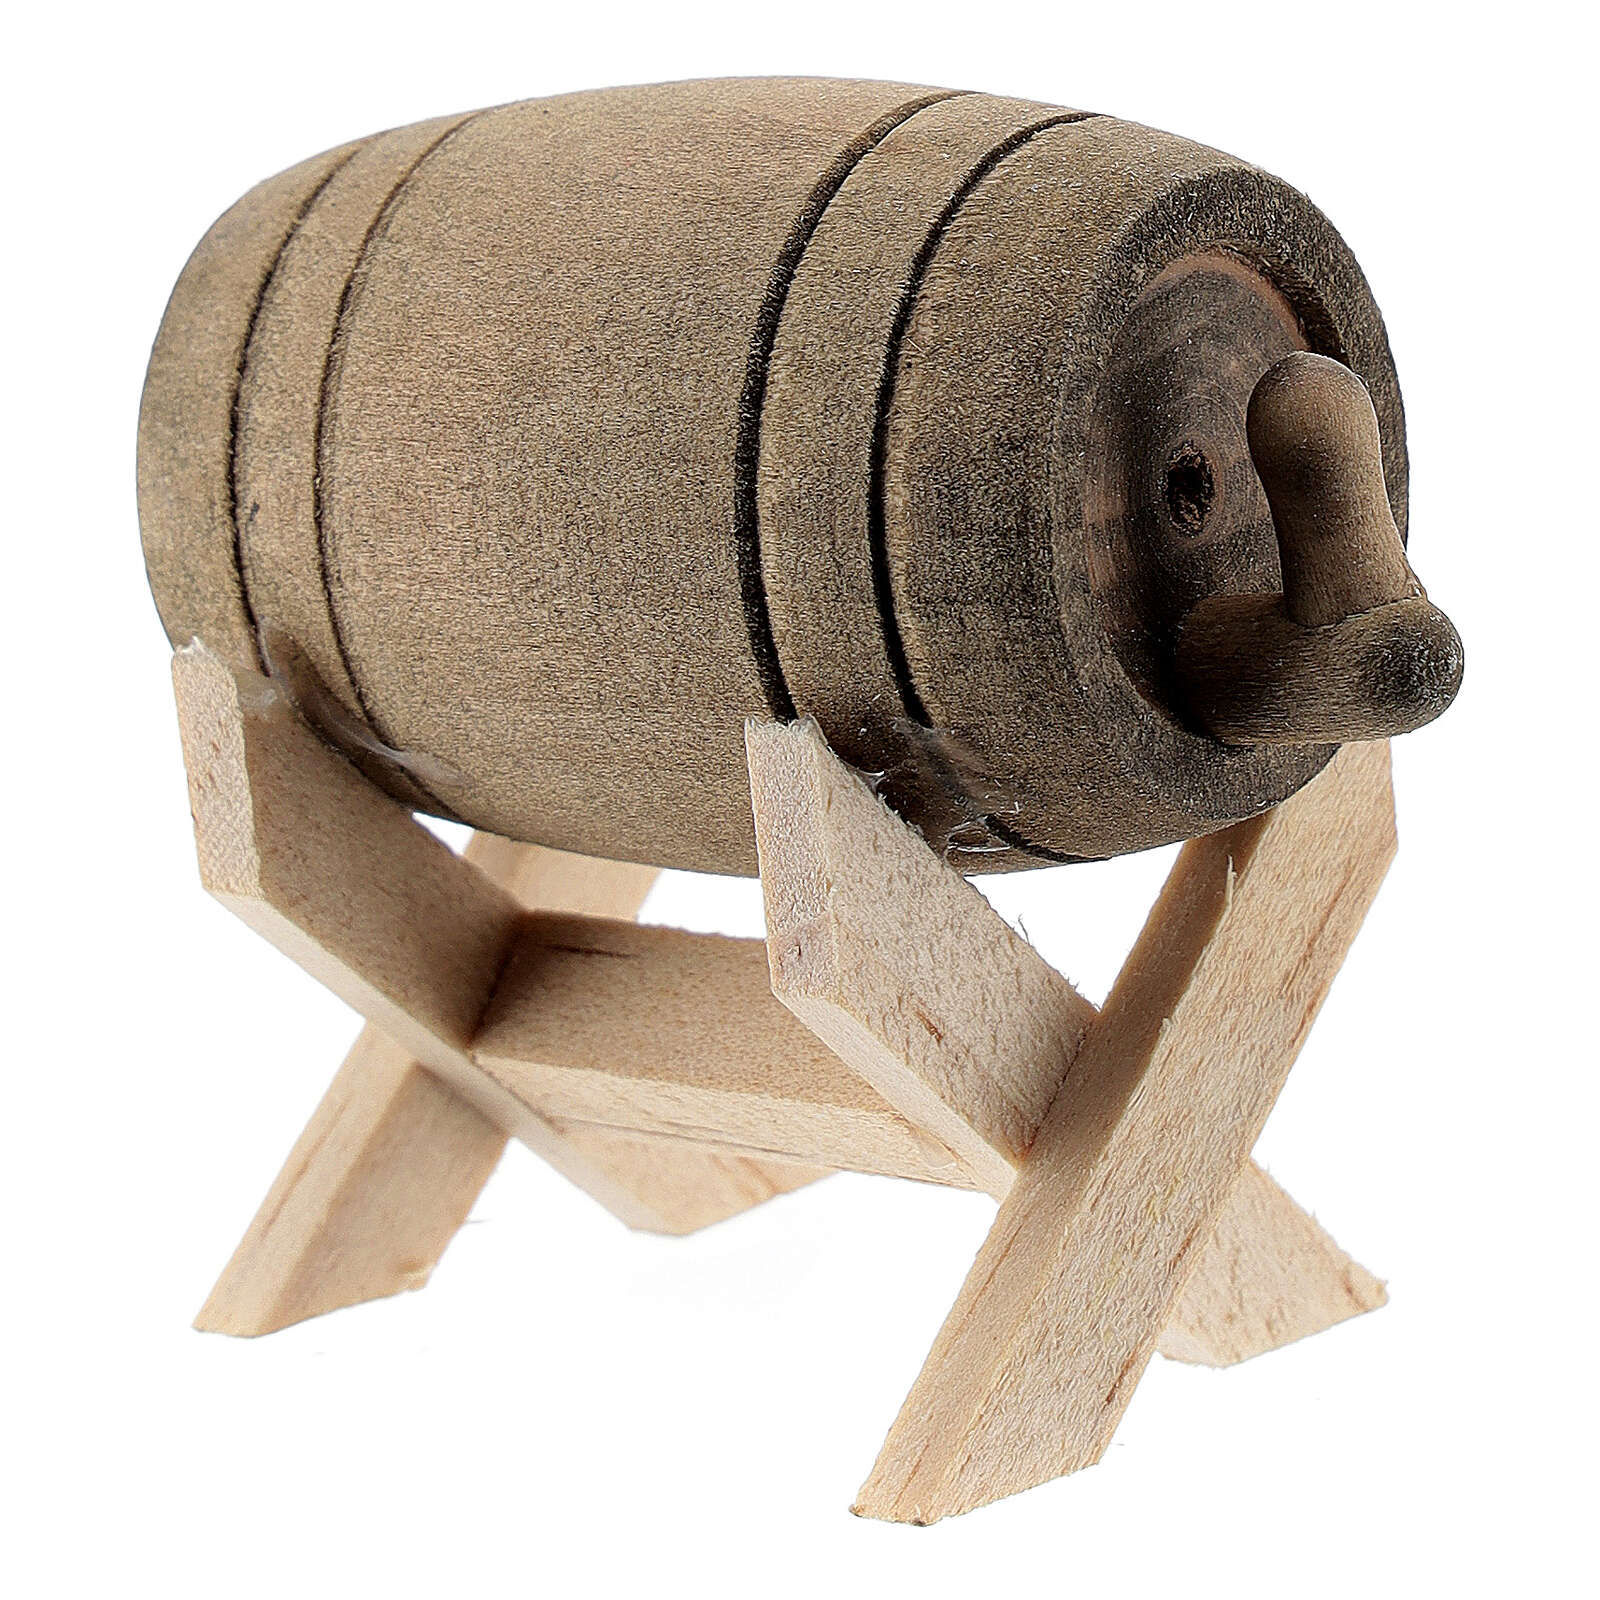 Barril com suporte em miniatura para presépio com figuras altura média 6-10 cm 4